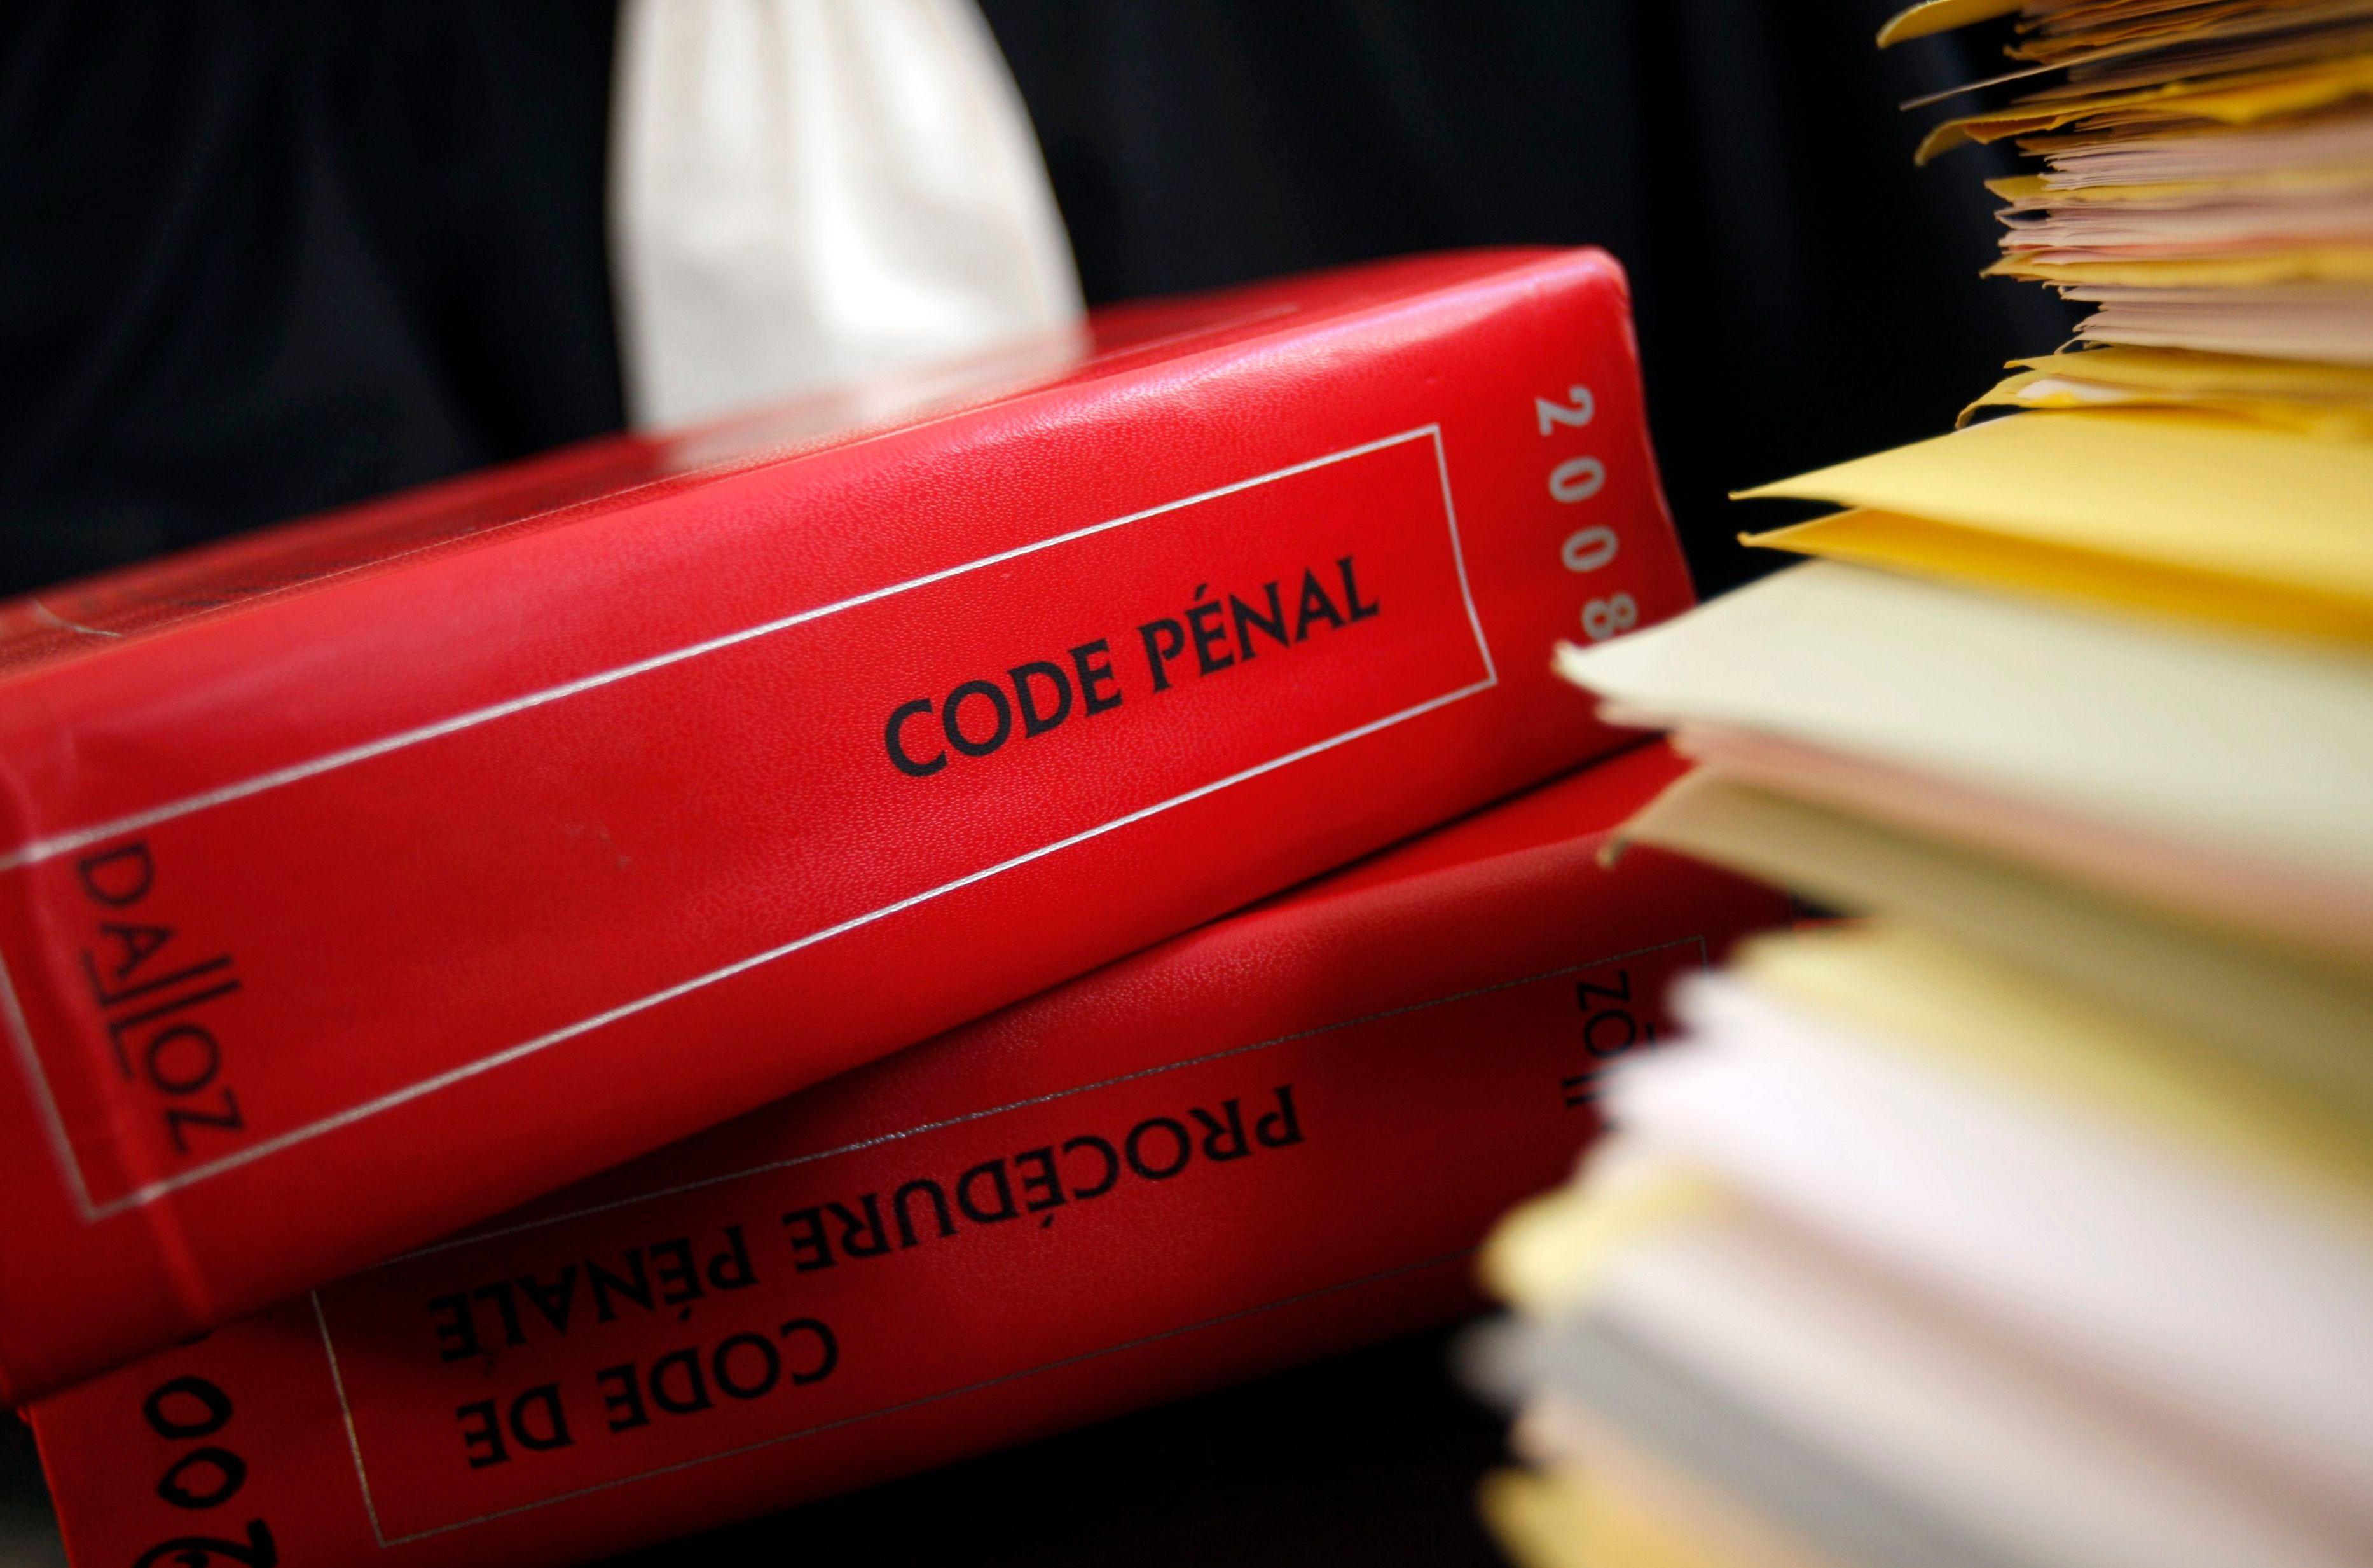 Mesures d'exception dans le Code pénal : des risques d'ajouter de nouvelles lois que la Justice n'a ni les moyens ni parfois l'intention d'appliquer